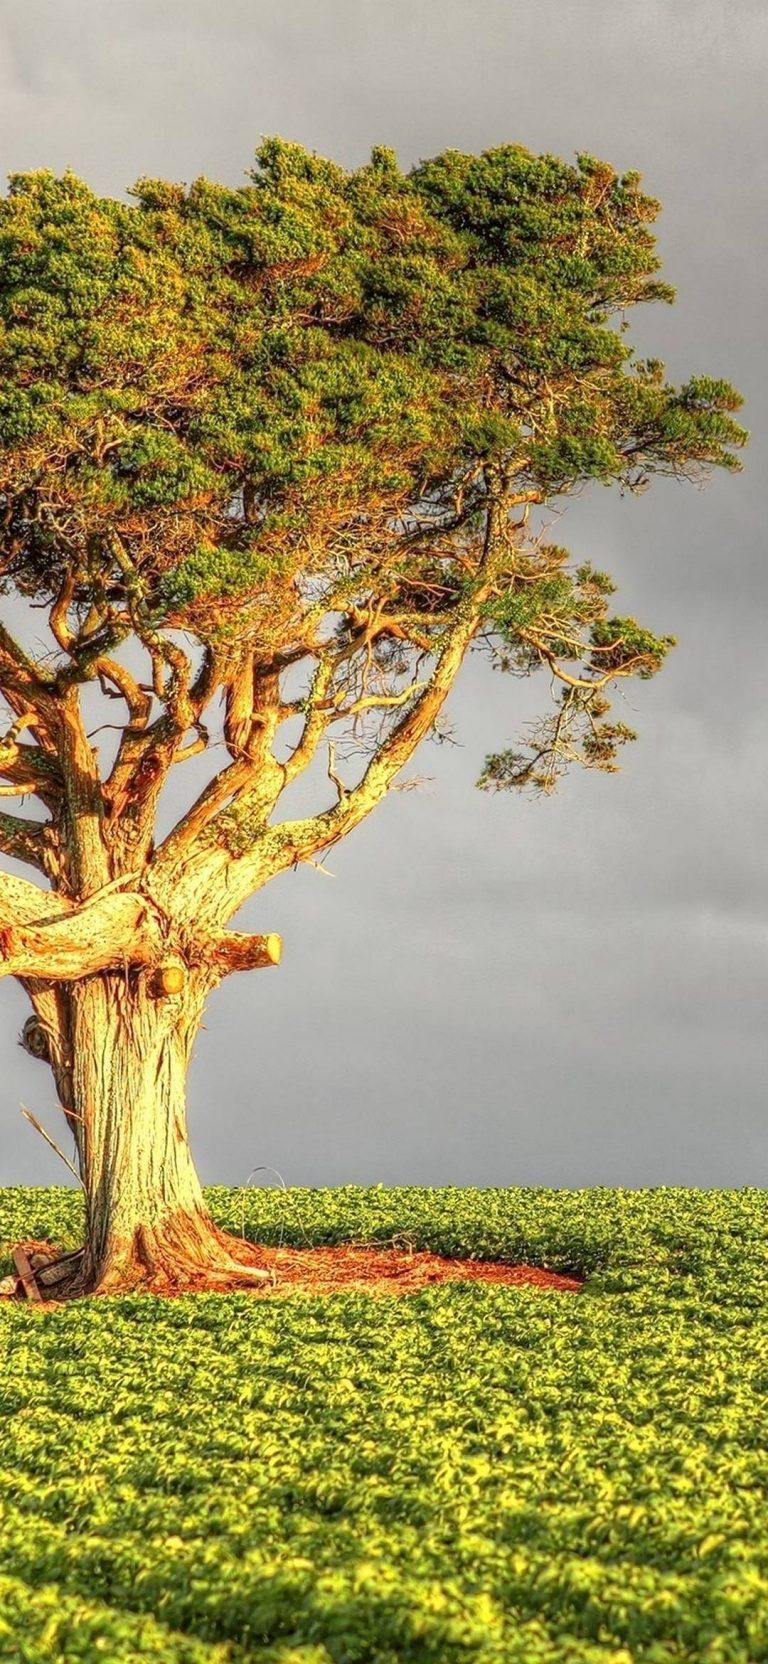 Tree Field Grass 1080x2340 768x1664